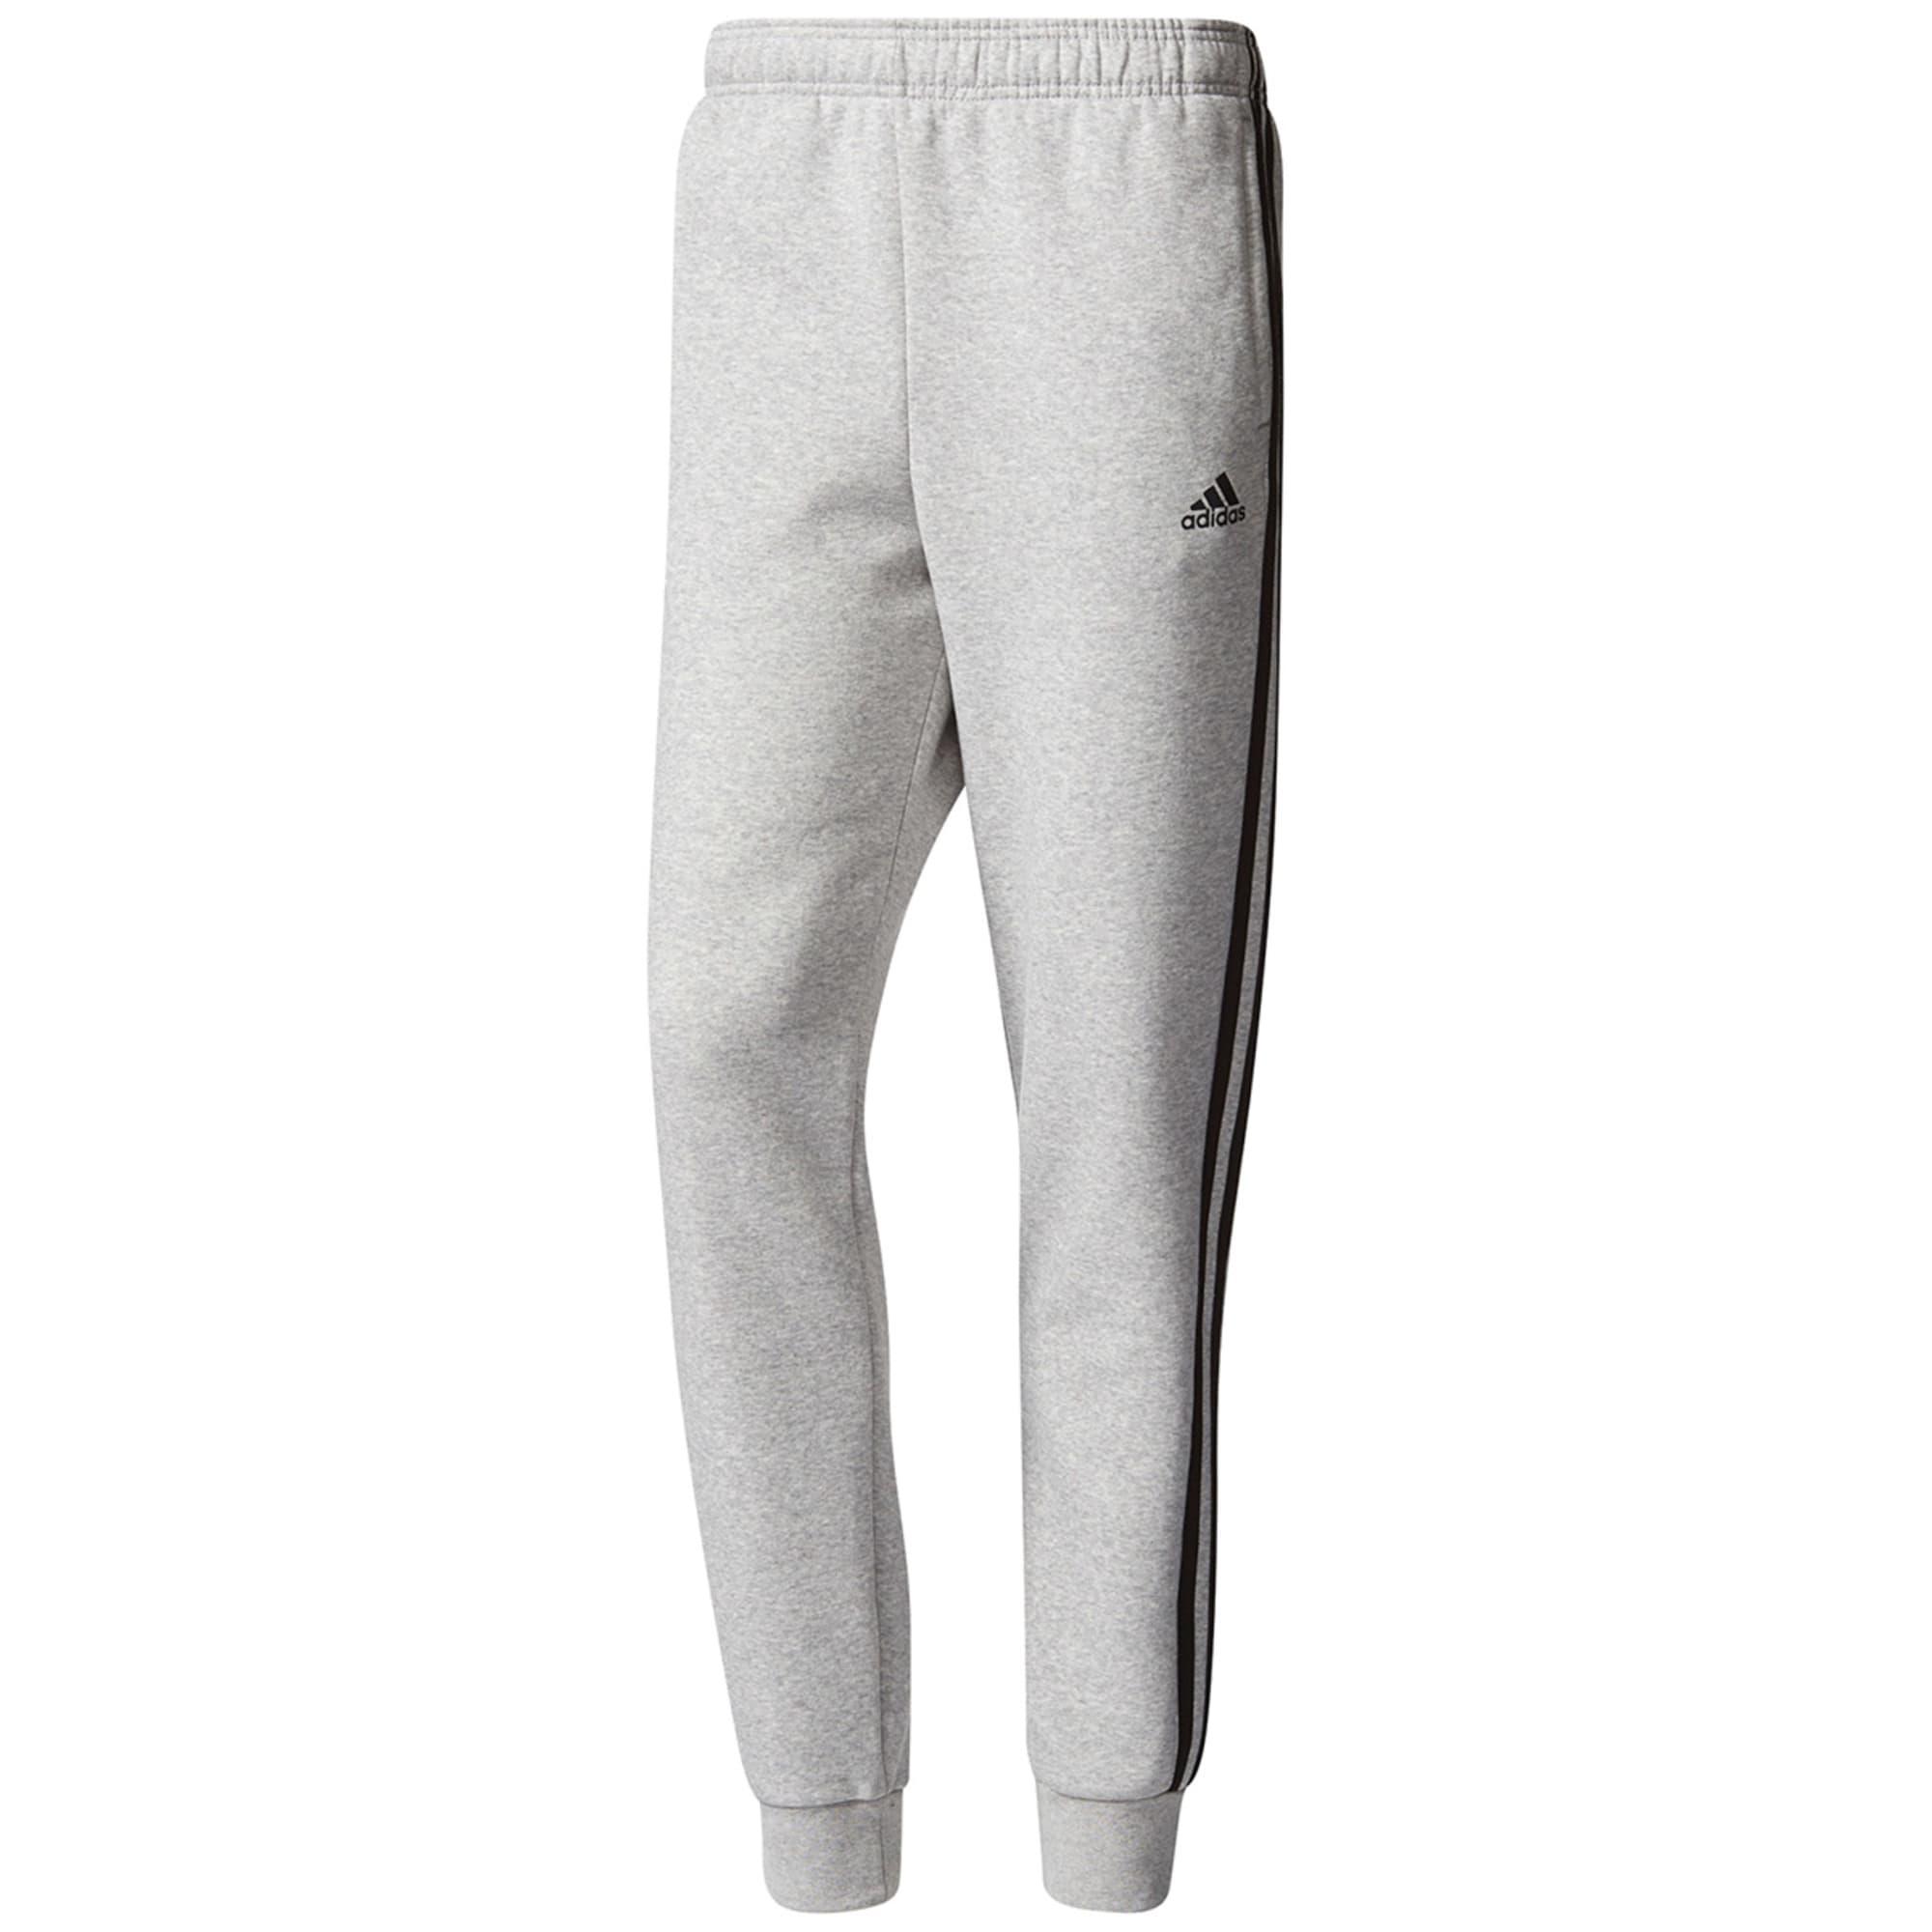 ADIDAS Men's Essentials 3 Stripes Jogger Pants